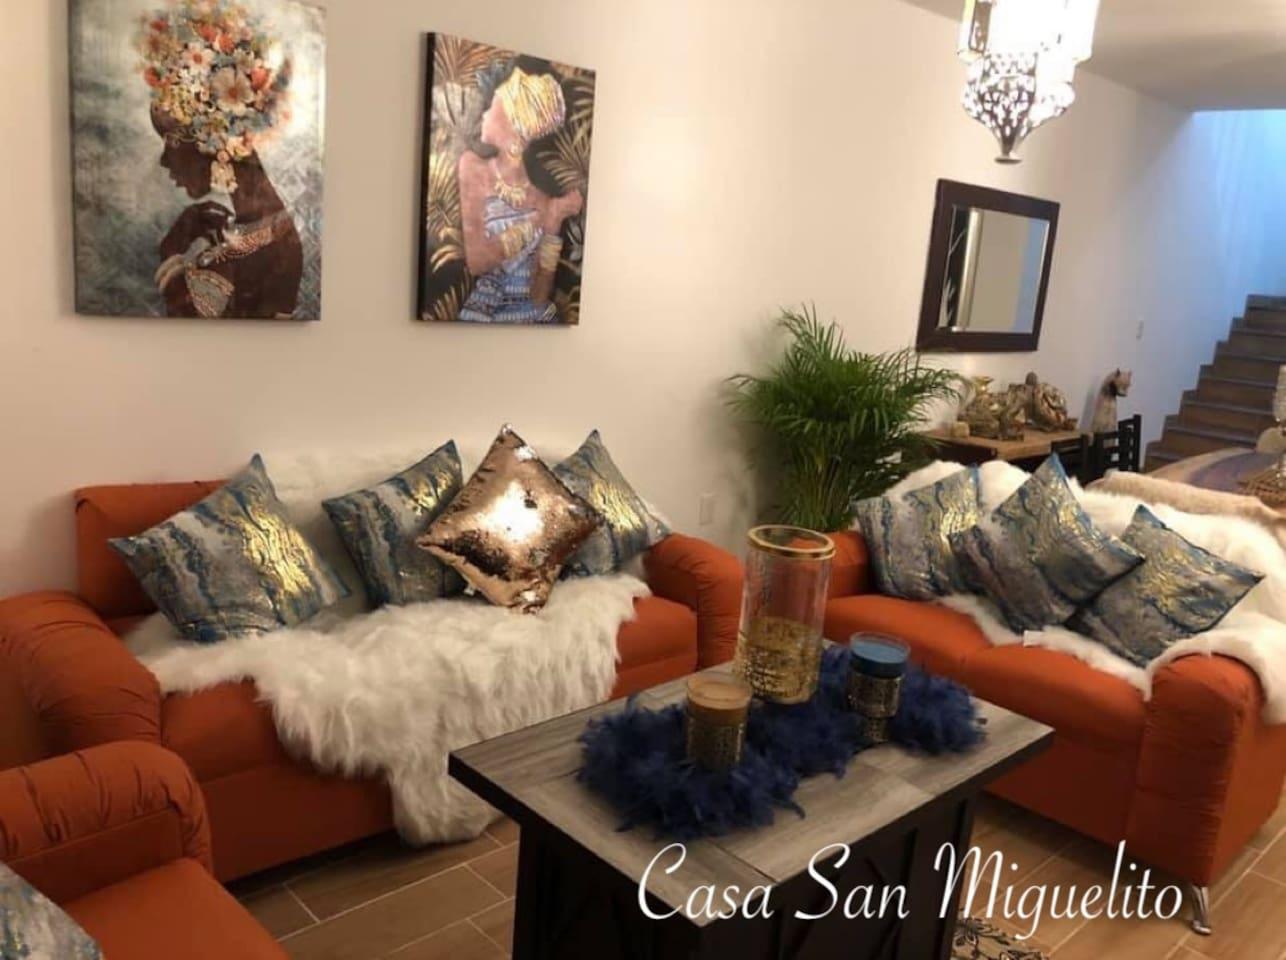 Acogedora Sala ideal para una bella reunión familiar